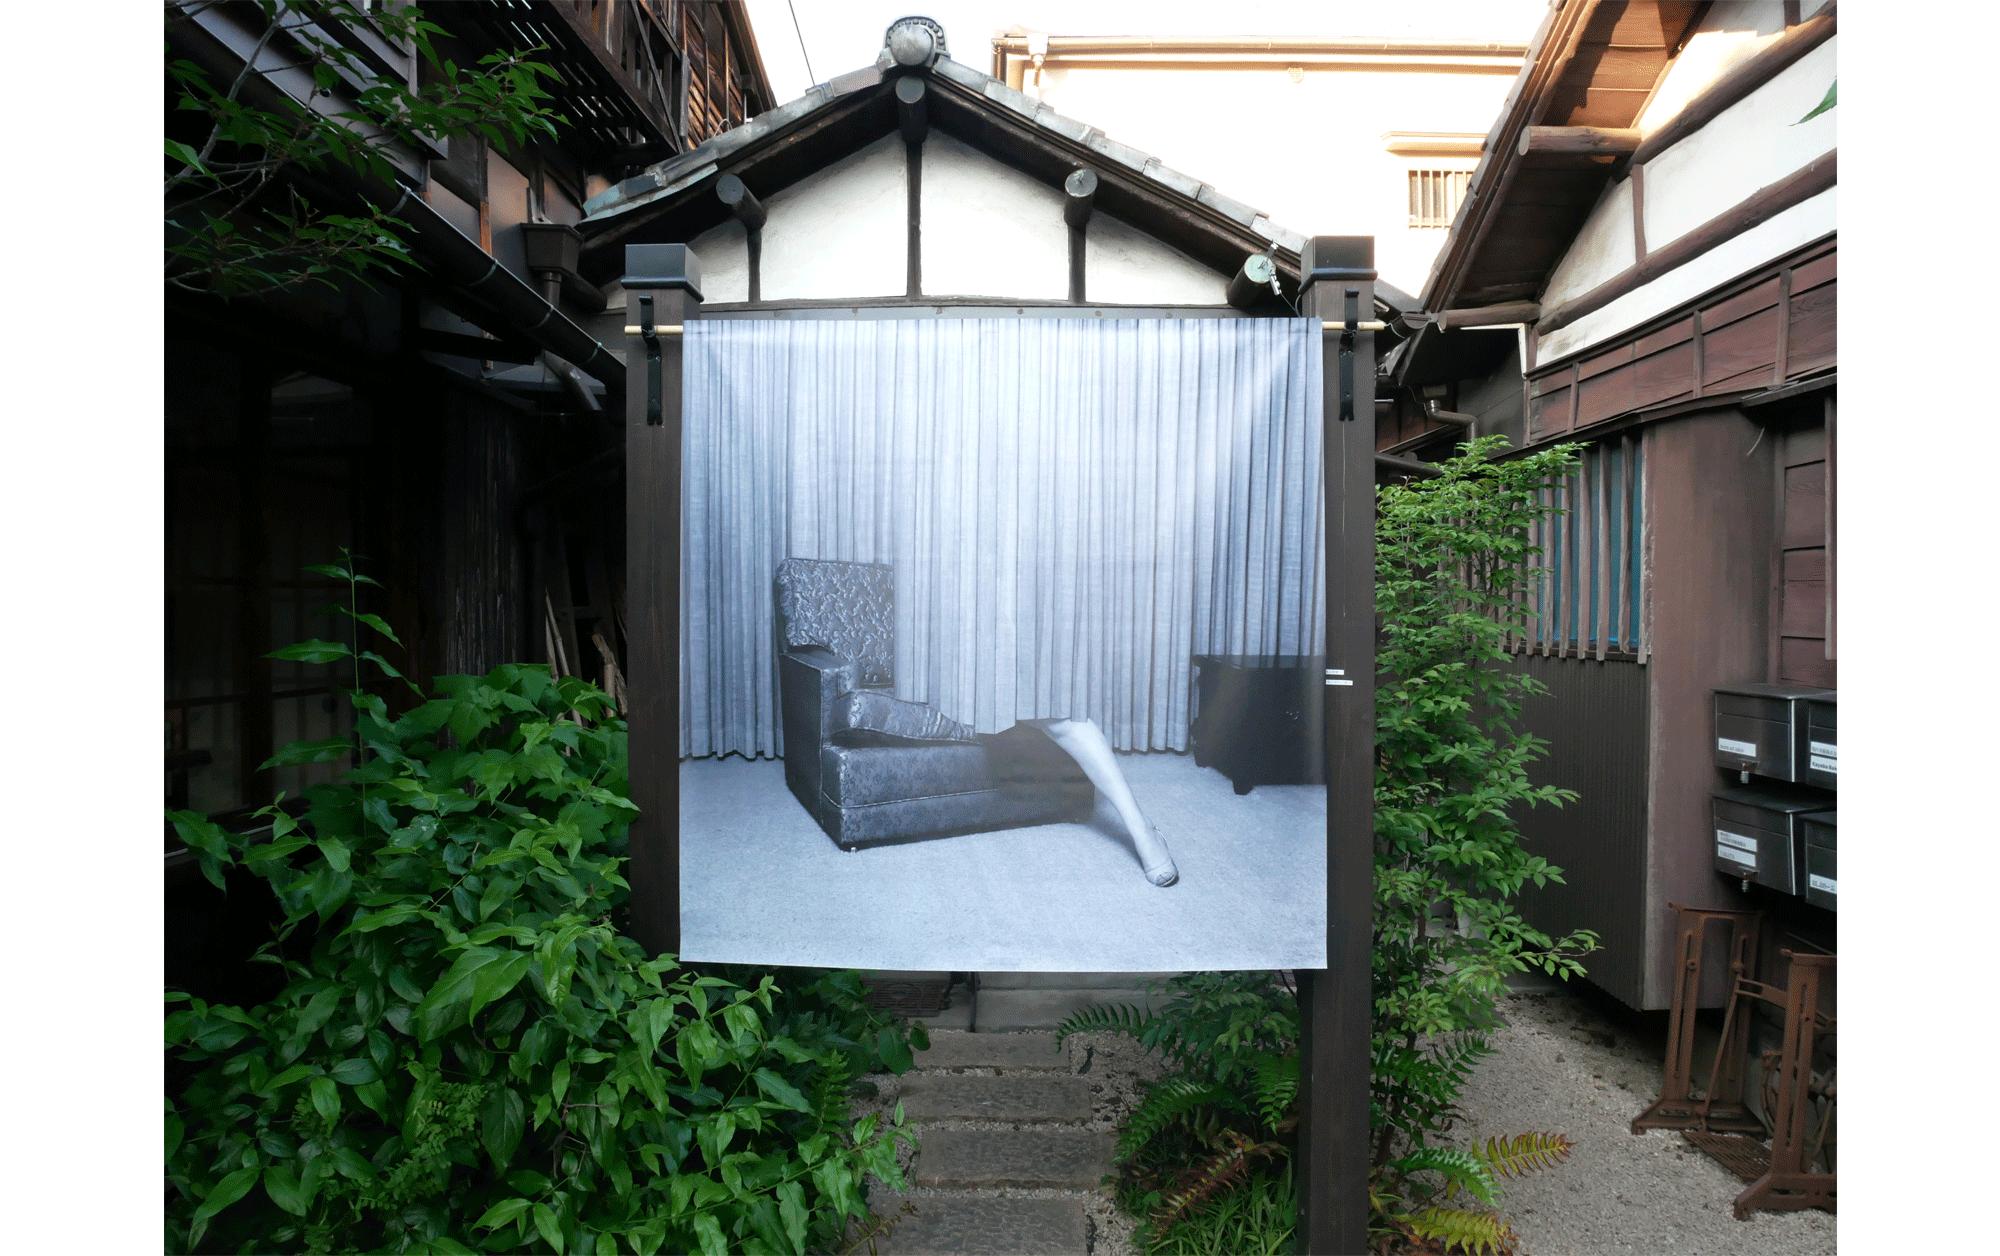 エヴァ・ステンラムの展示作品。